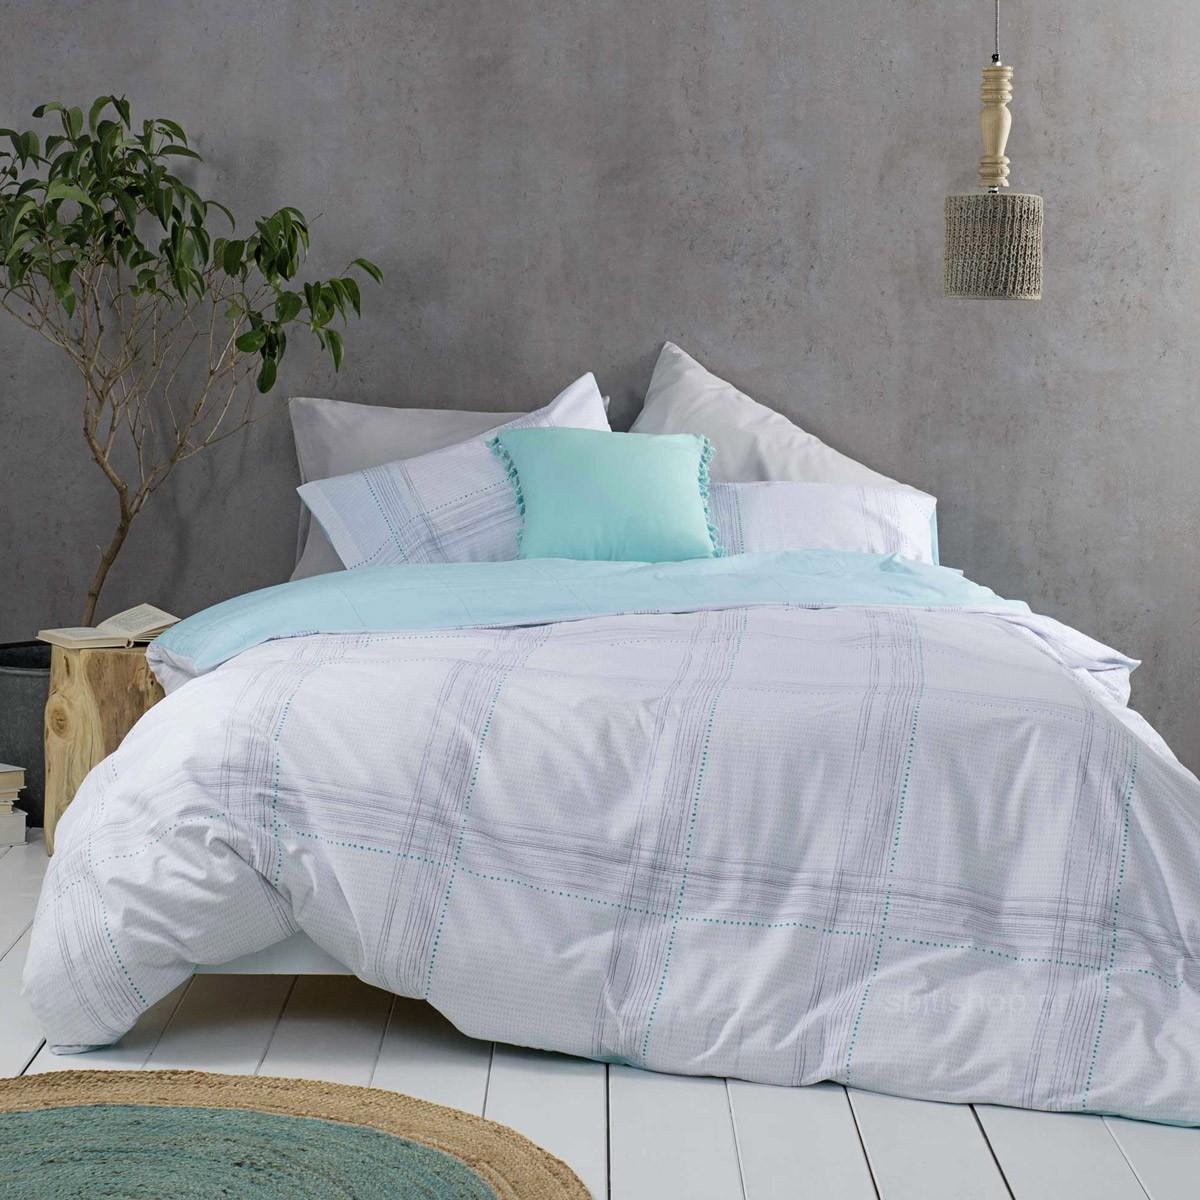 Σεντόνια King Size (Σετ) Nima Bed Linen Erogno Aqua